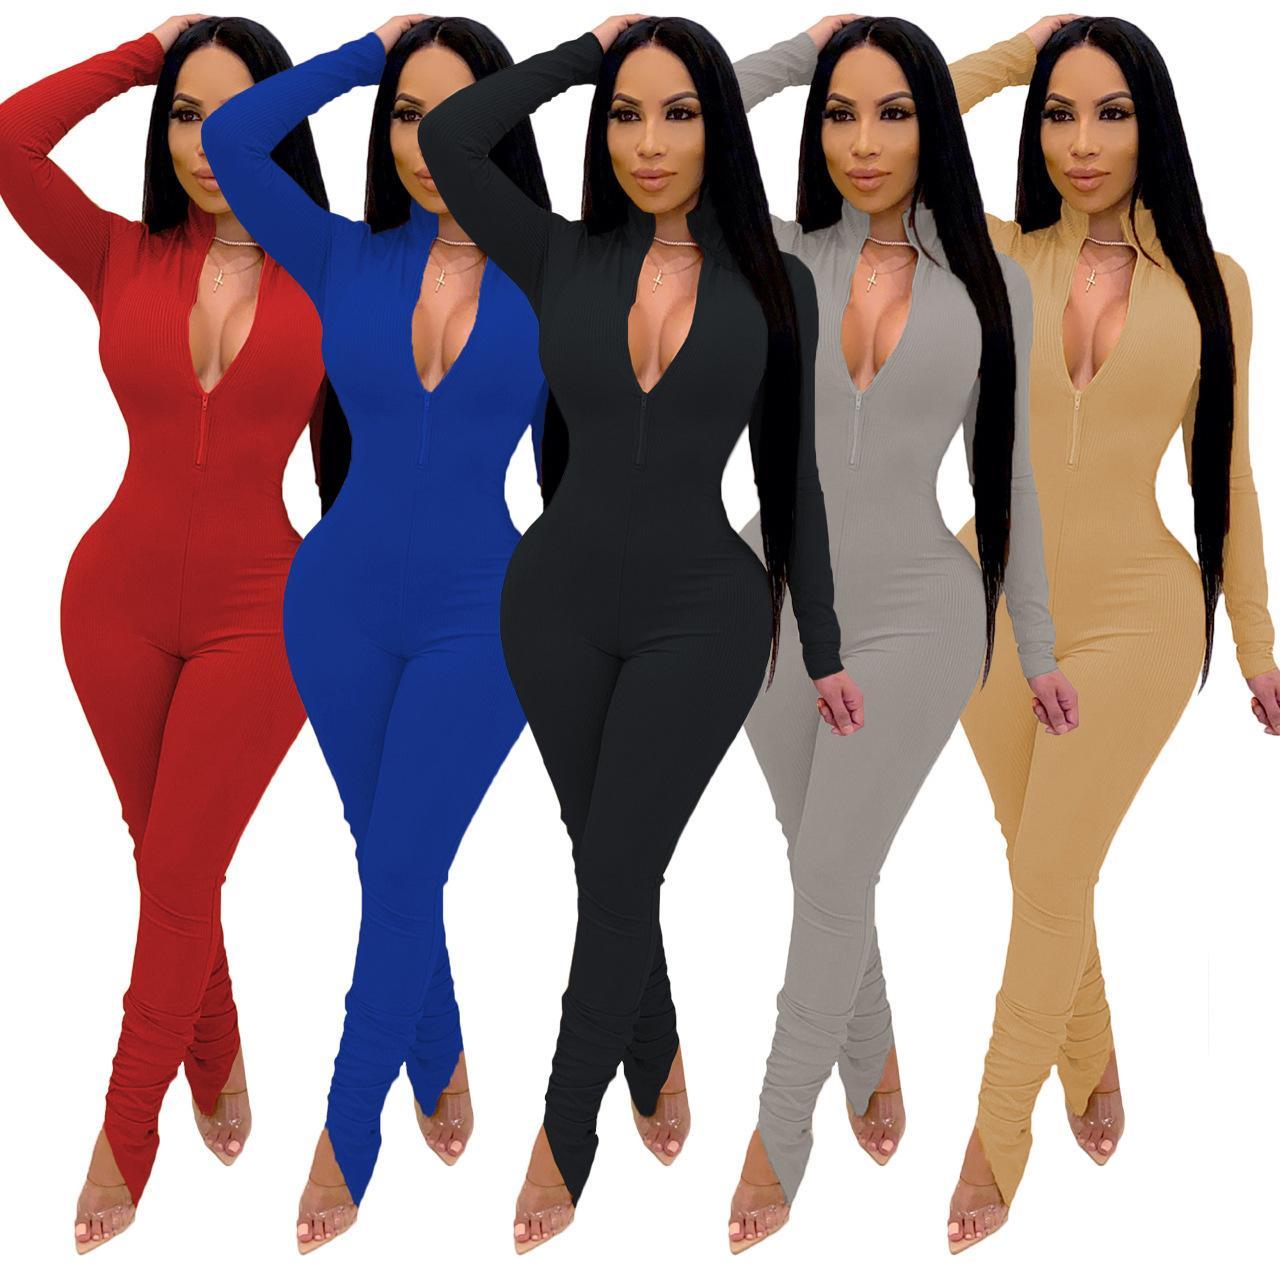 Sonbahar 2020 kadın Klasik Katı Renk Pileli Kazık Tulum Moda Tasarımcısı Stil Katı Renk Uzun Kollu Derin V Seksi Tulum